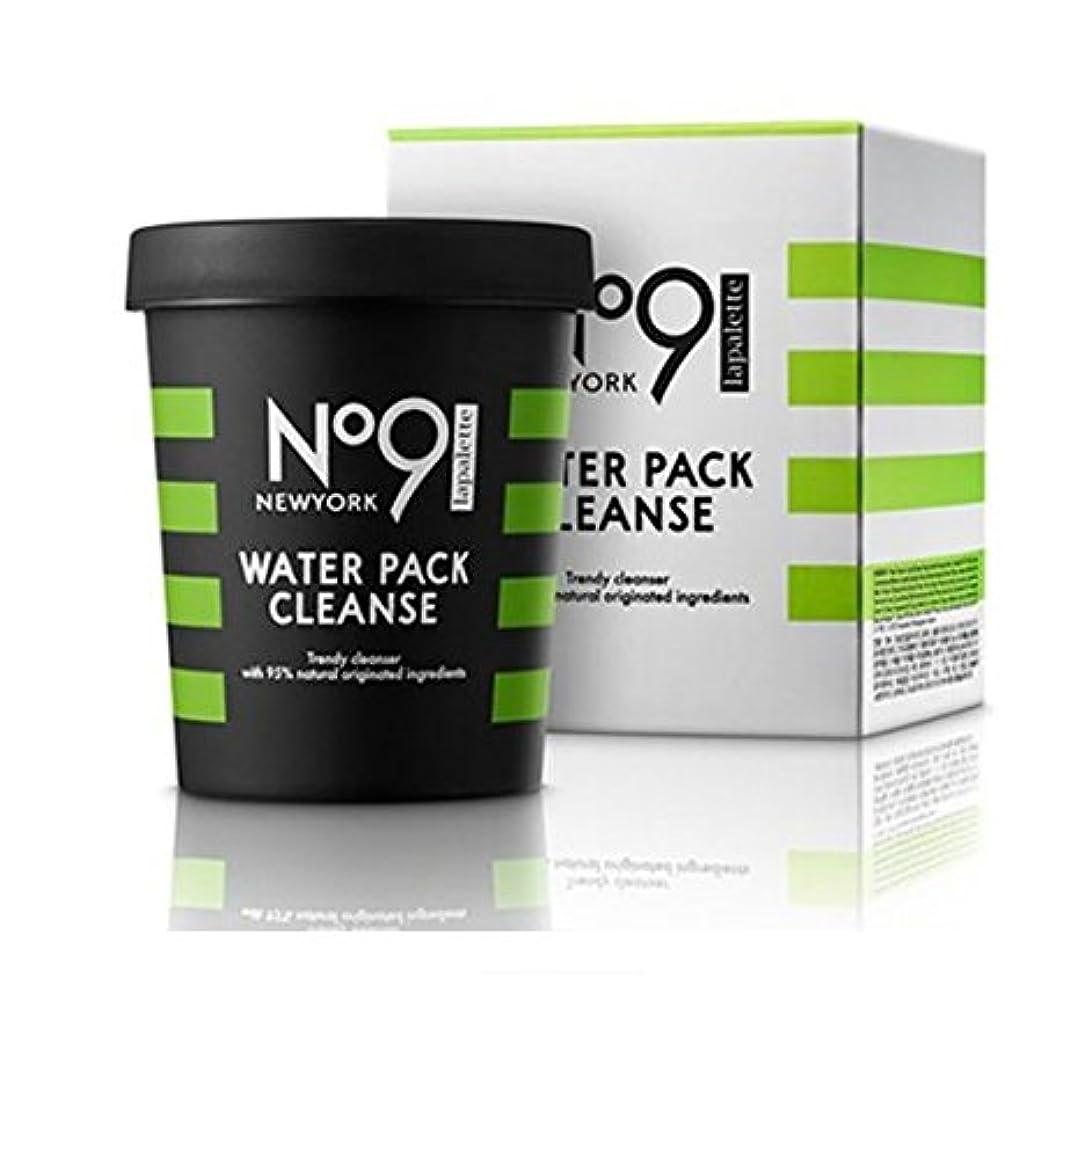 ファッション社交的変更lapalette (ラ パレット) No.9 ウォーター パッククレンザー/No.9 Water Pack Cleanse (250g) (ゼリーゼリーケール(Jelly Jelly Kale)) [並行輸入品]